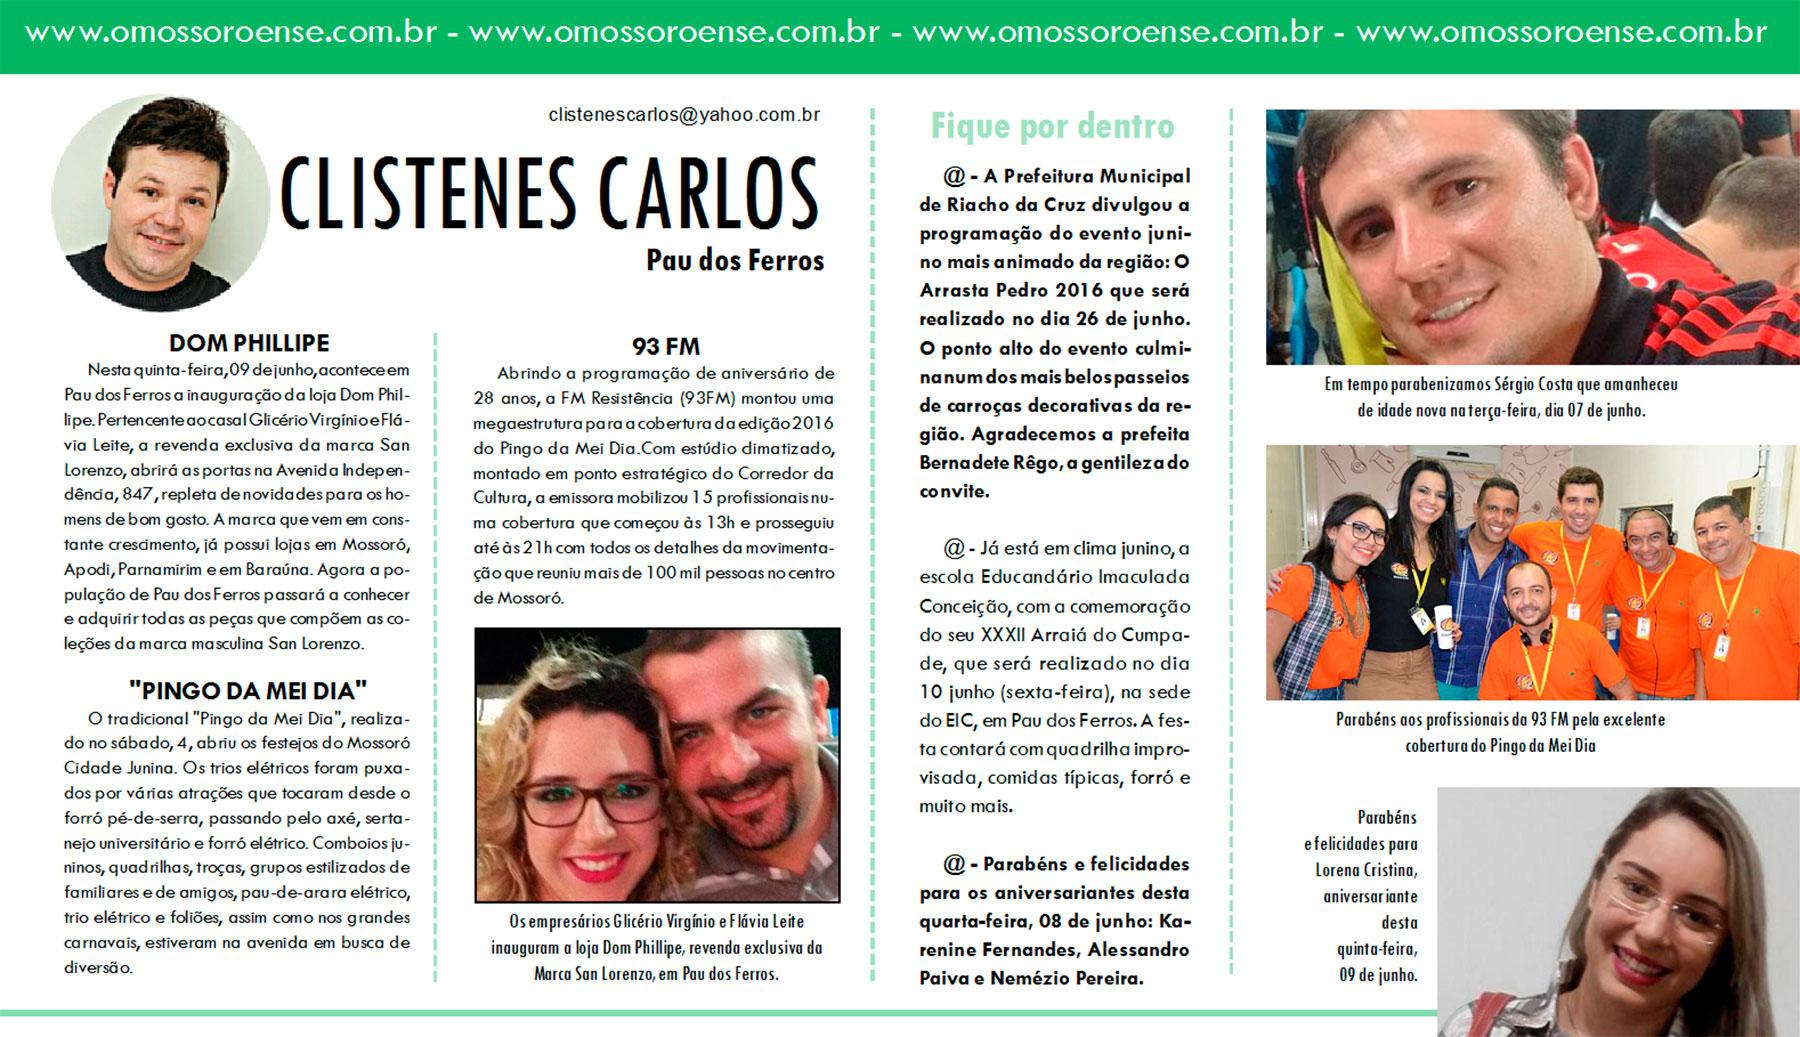 CLISTENES-CARLOS-06-06-2016